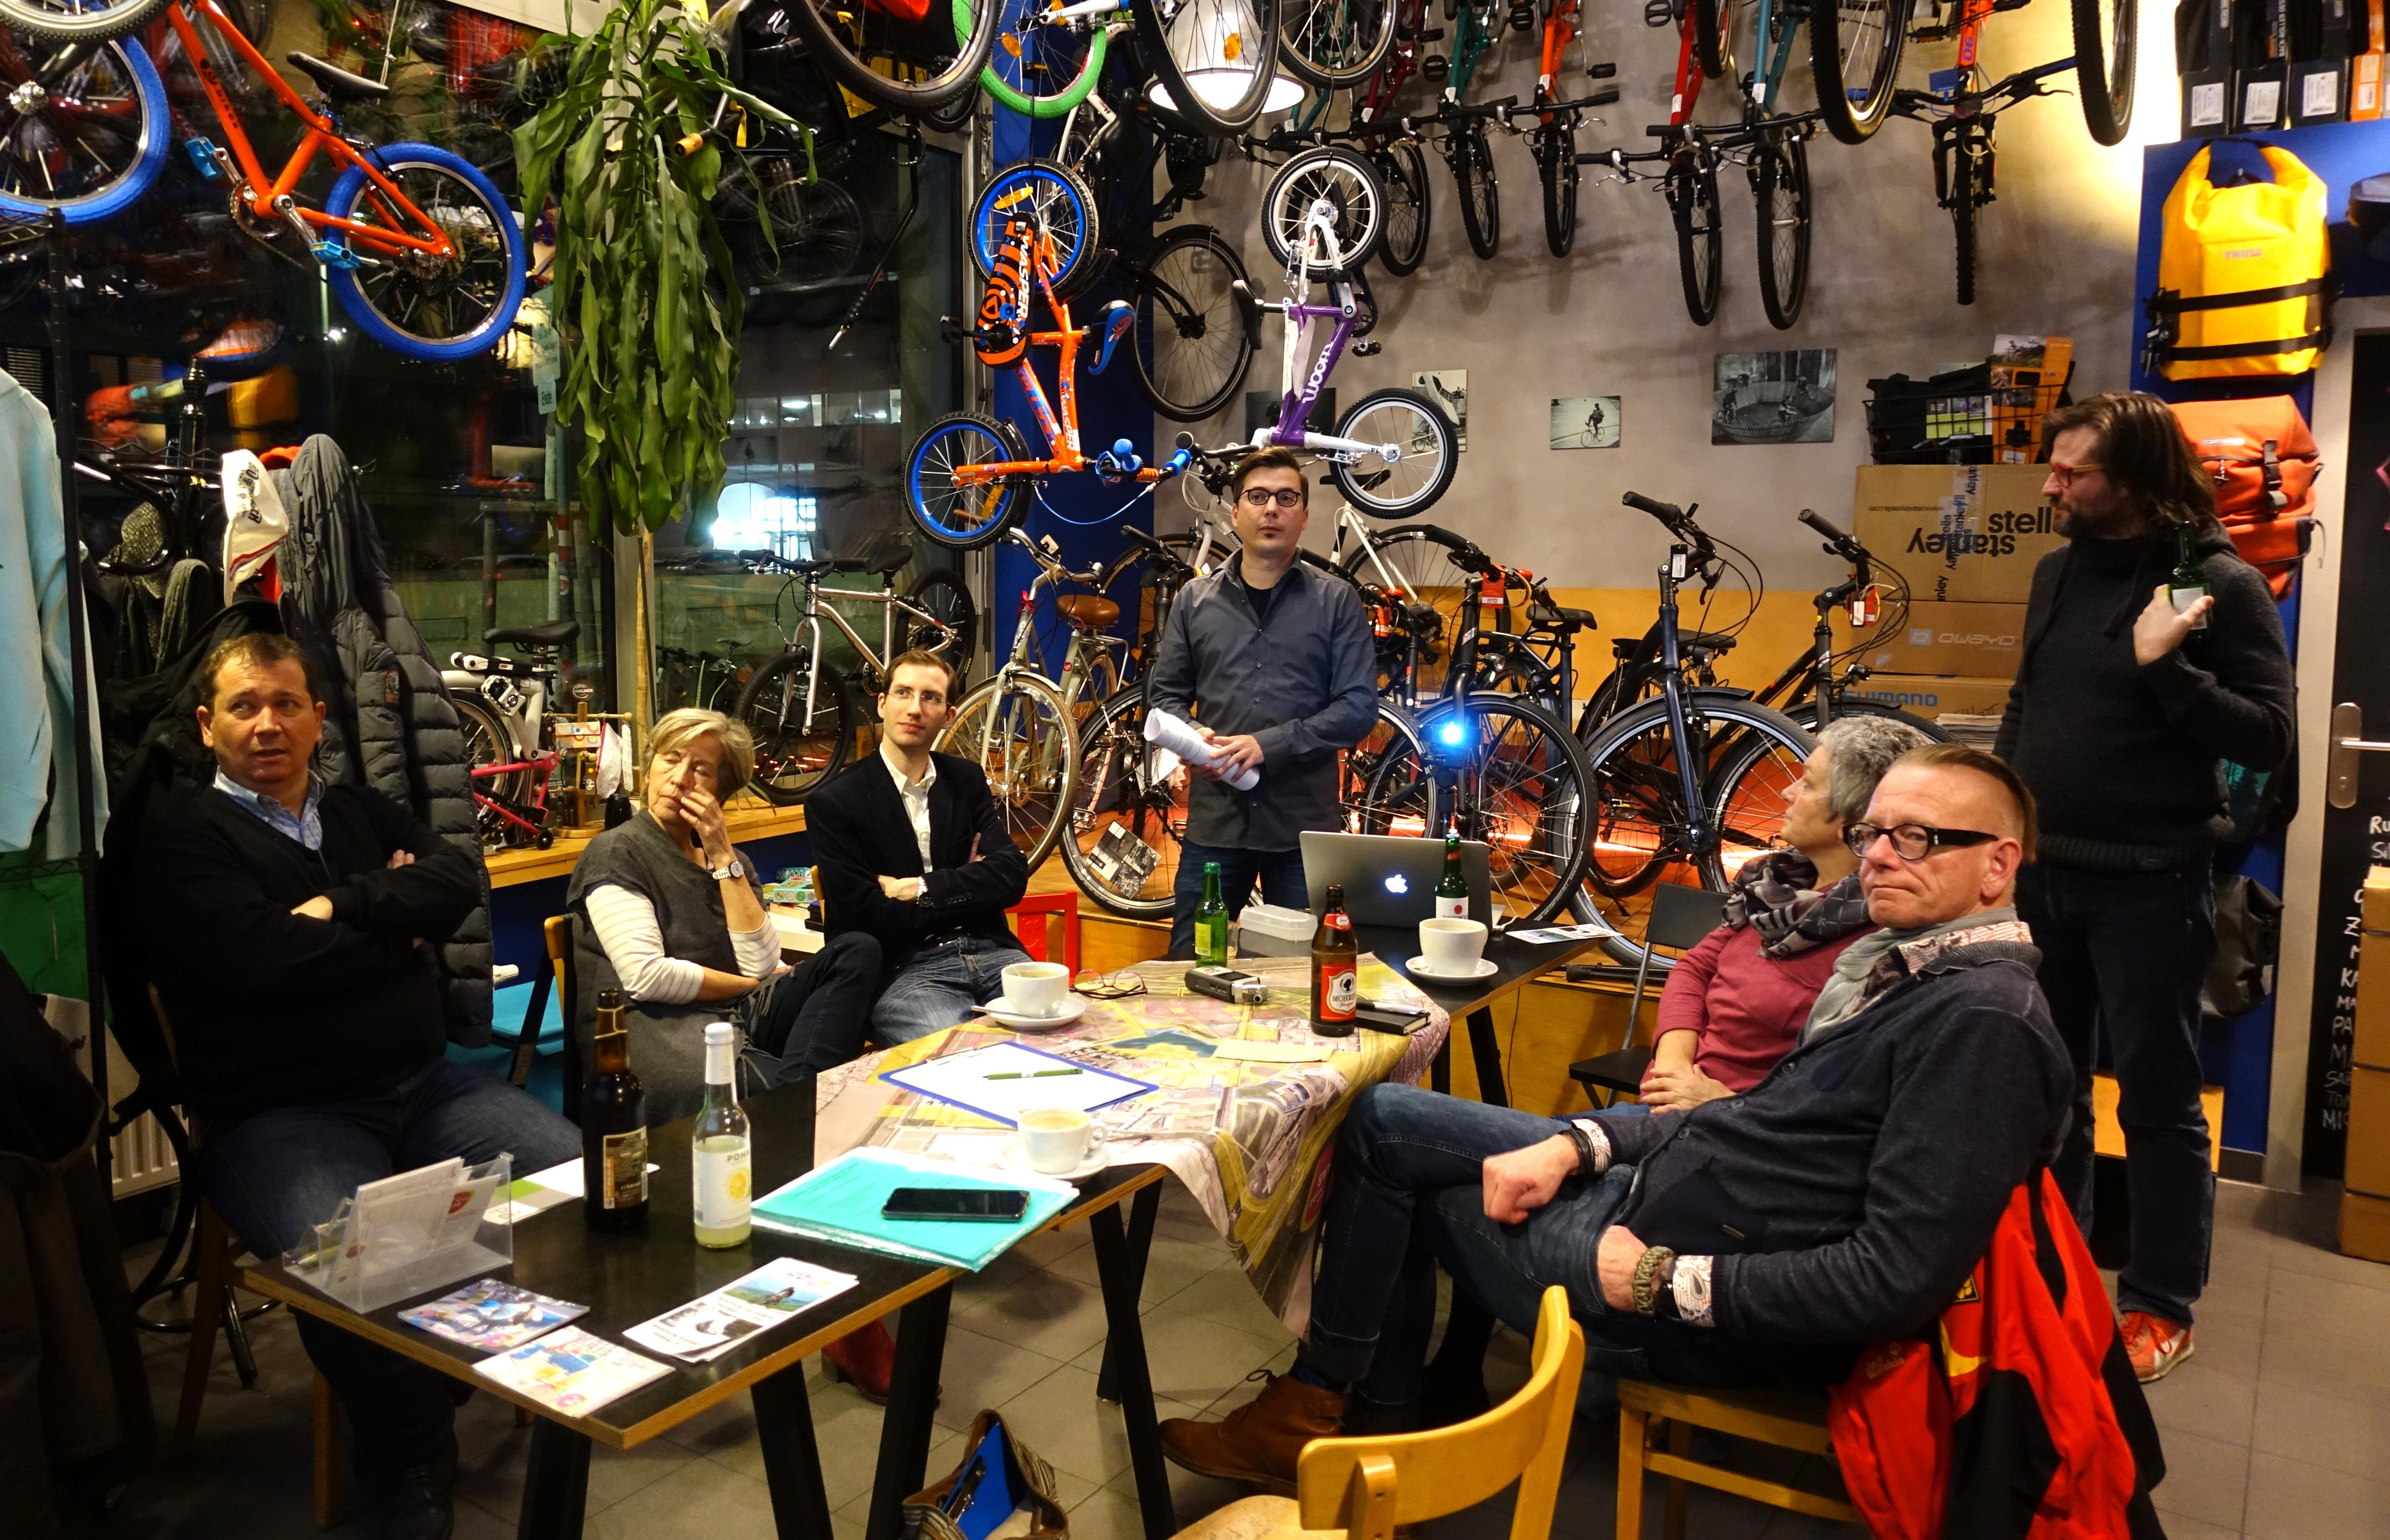 Vortragende und Gäste im Fahrradcafe